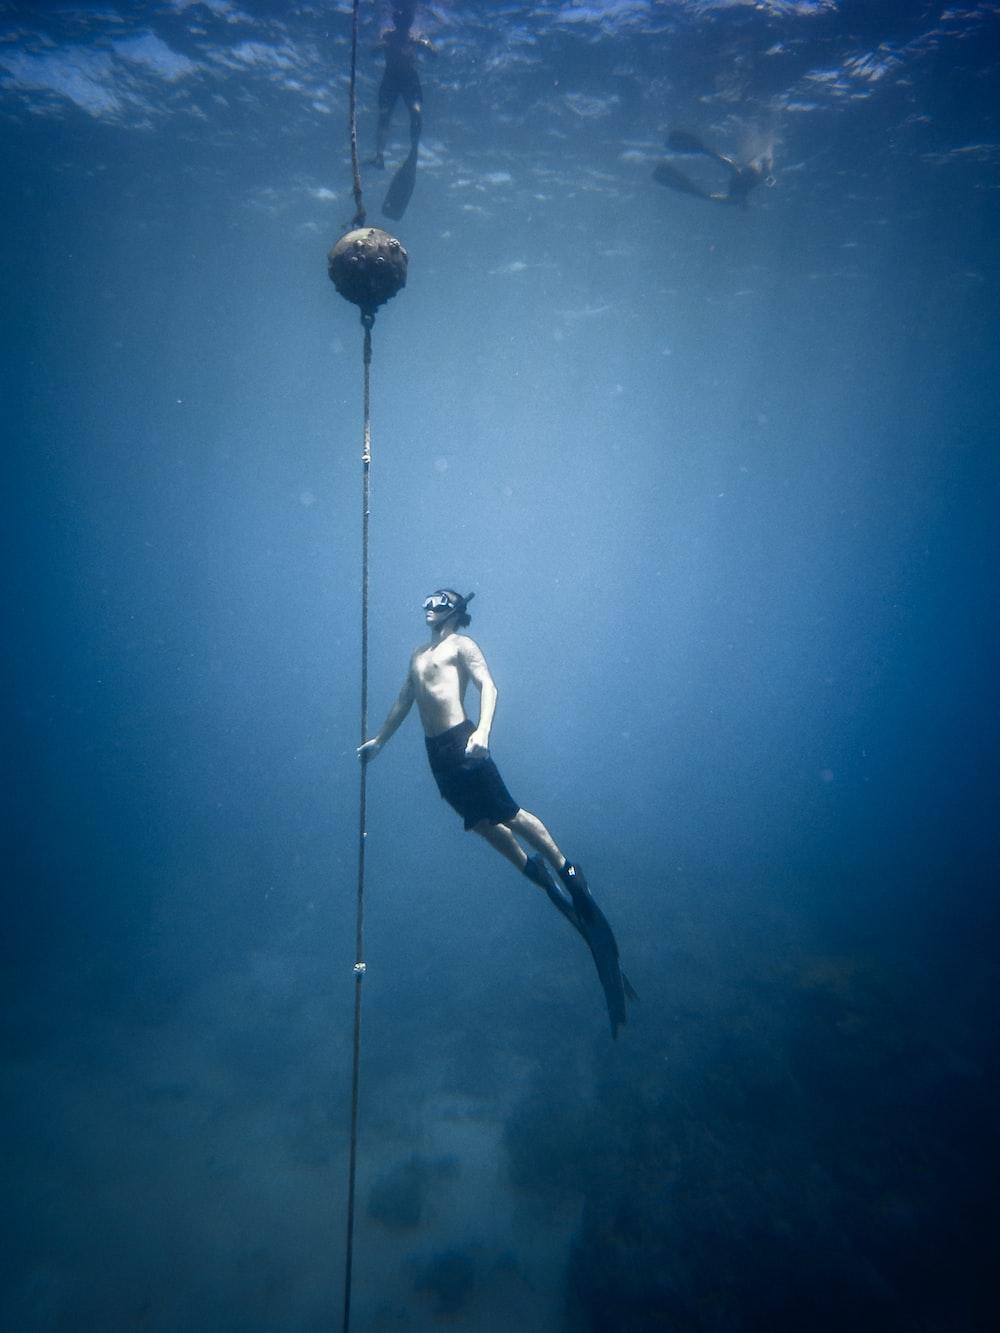 man wearing snorkeling gear swimming underwater